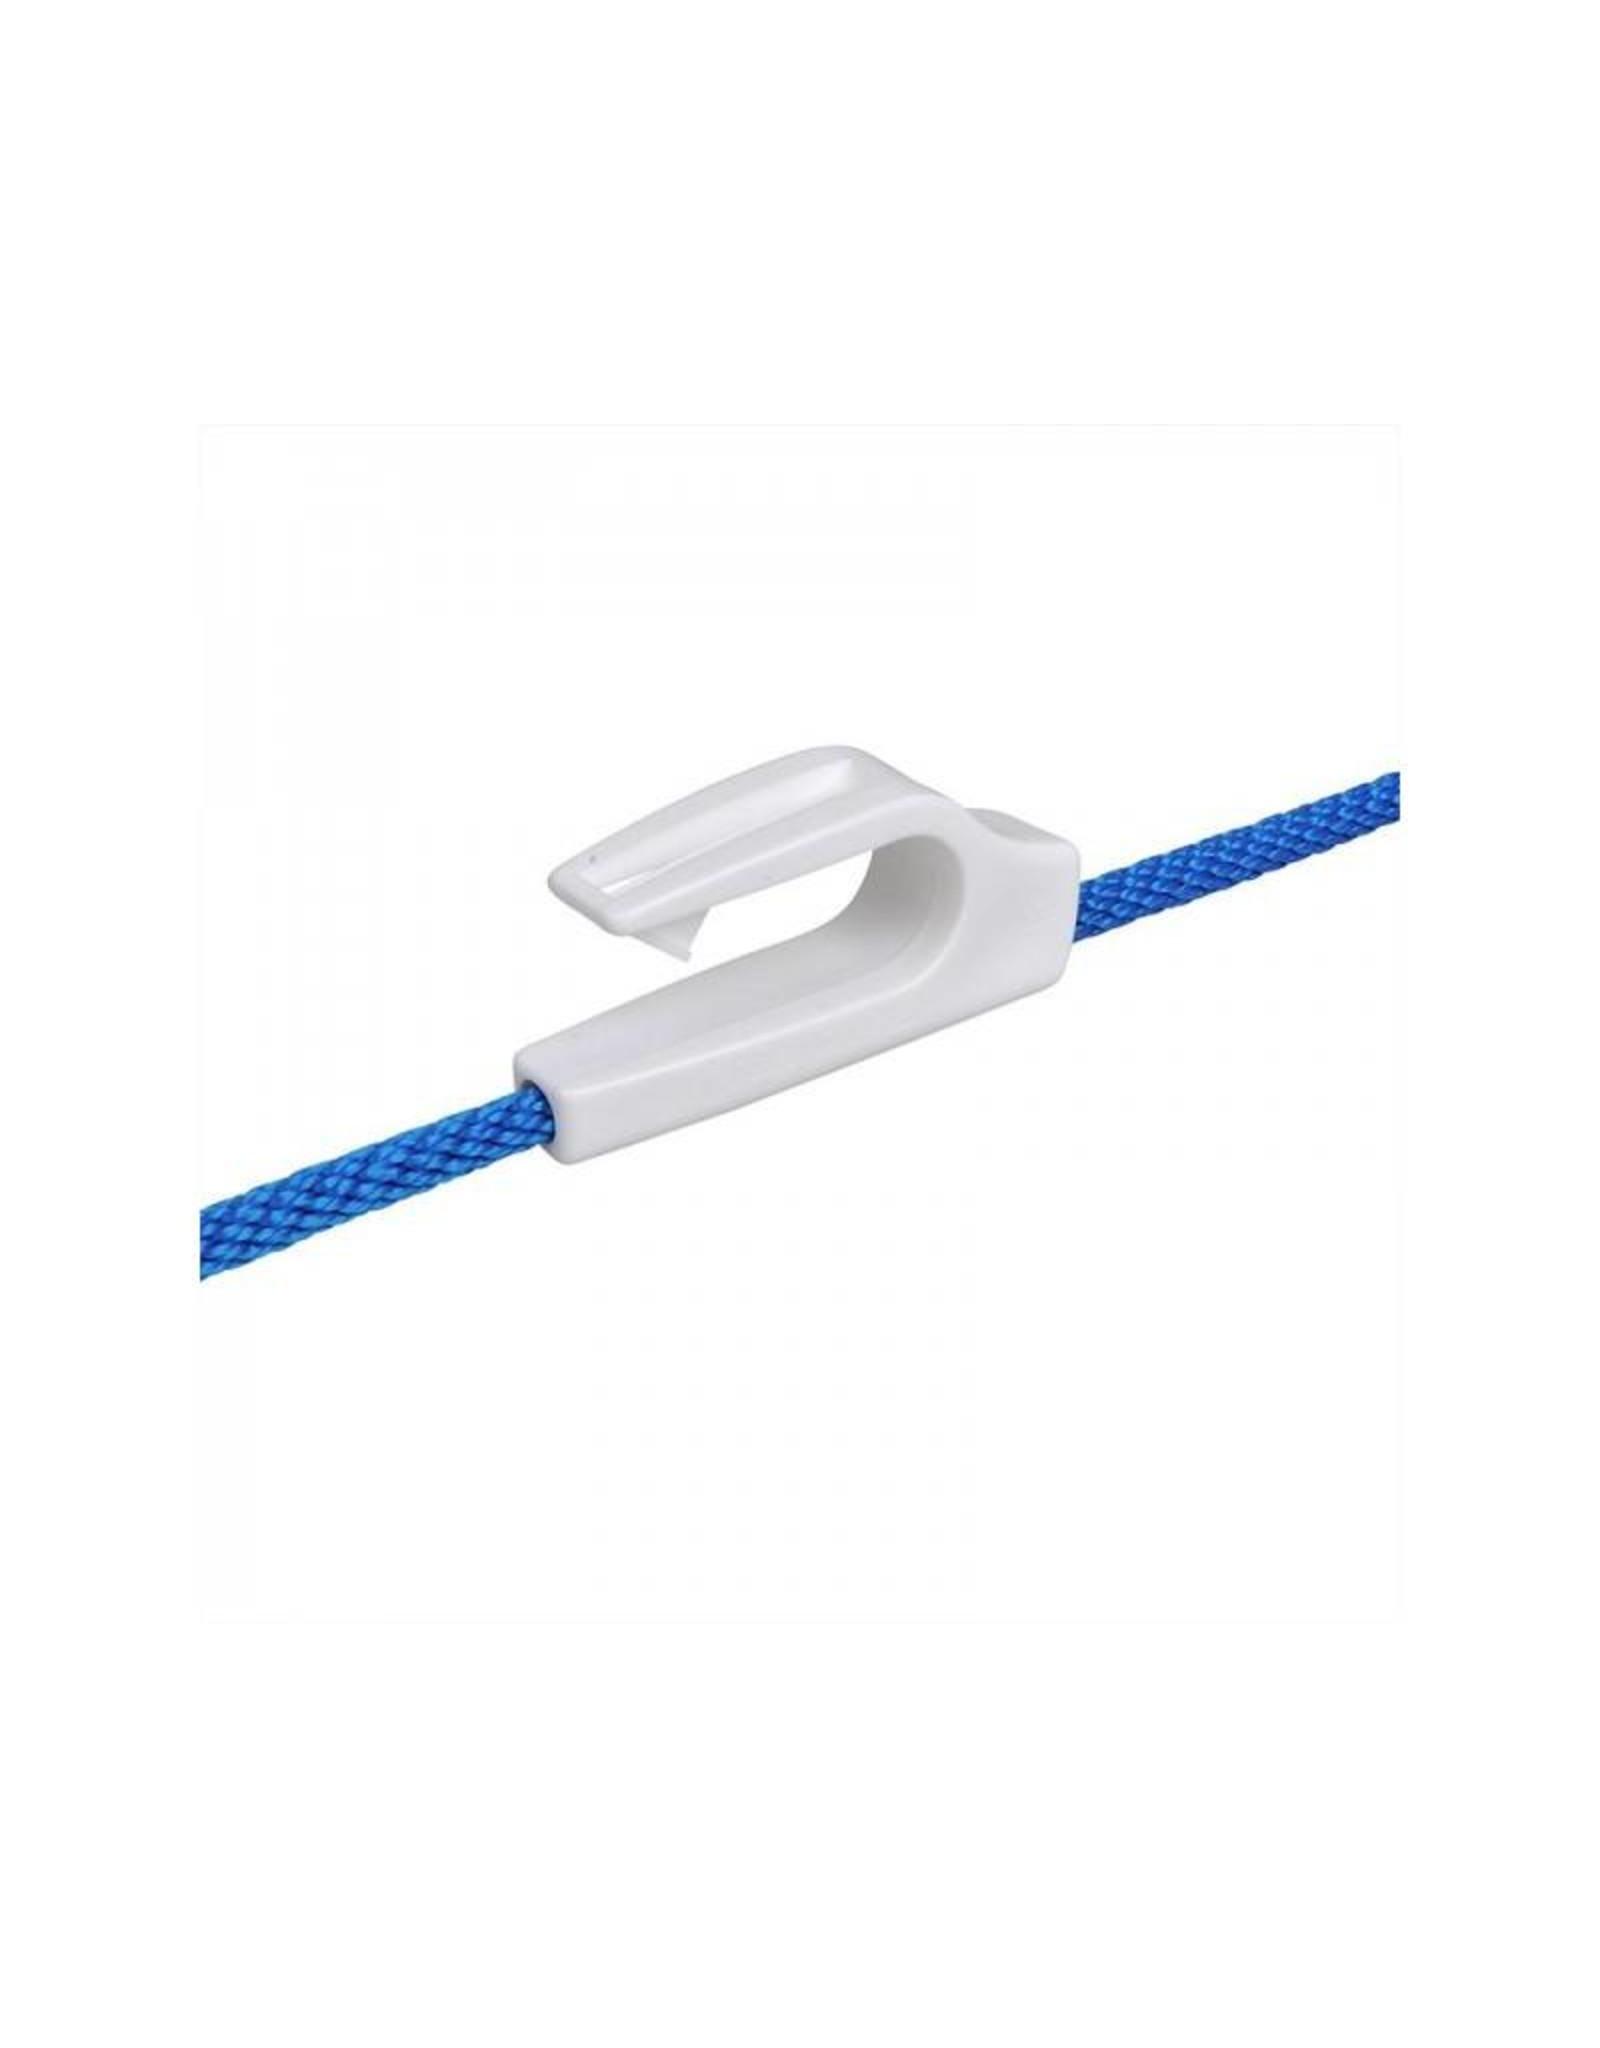 Fenderhaken, kunststof, voor railing 20-25mm, wit